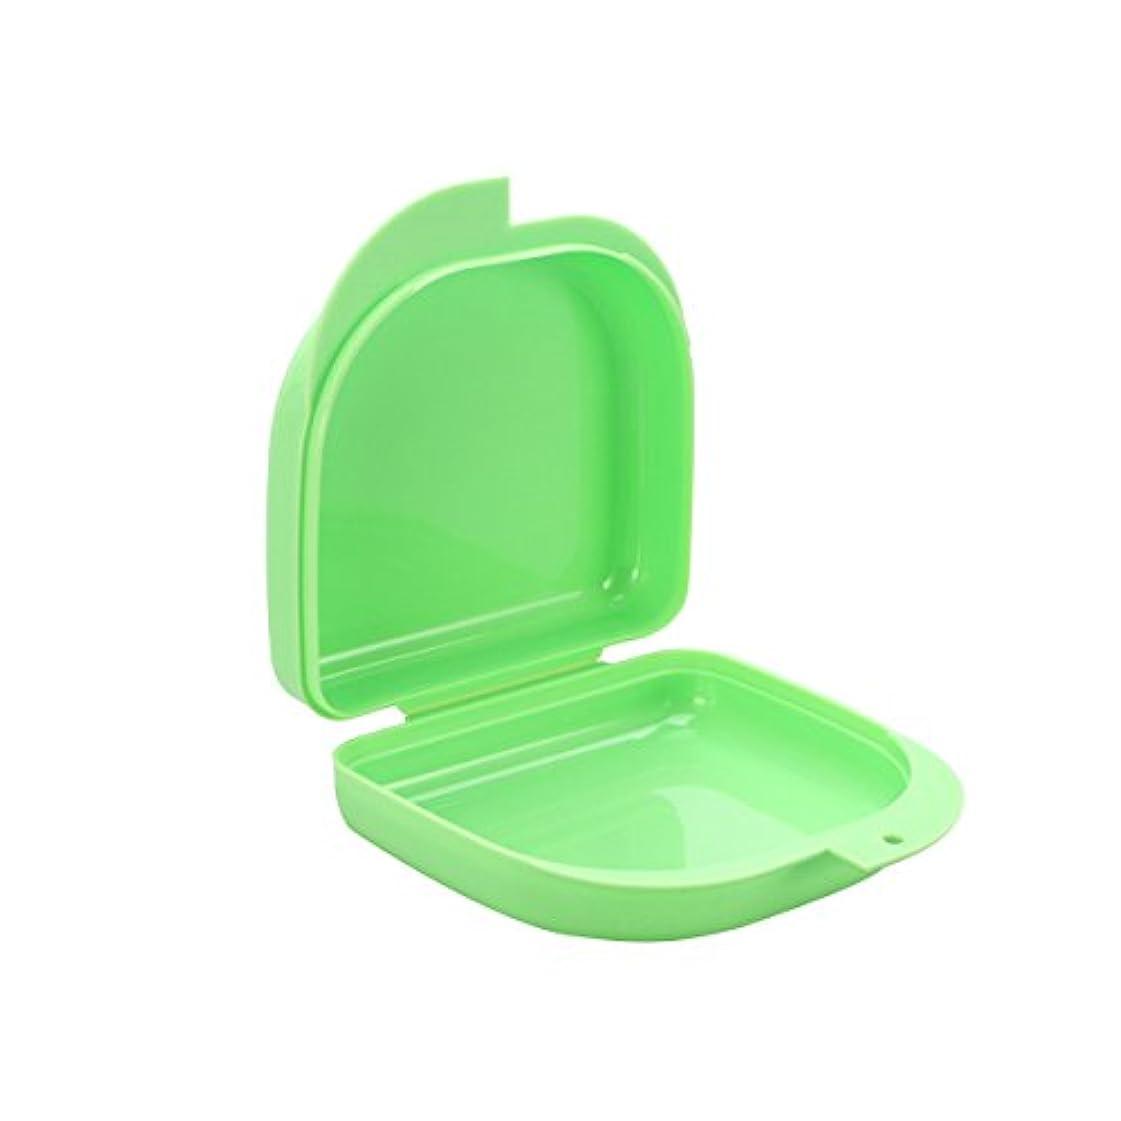 SUPVOX マウスガードケース義歯収納容器付き通気孔と蝶番付きフタ留め金具歯科矯正歯科リテーナーボックス2個